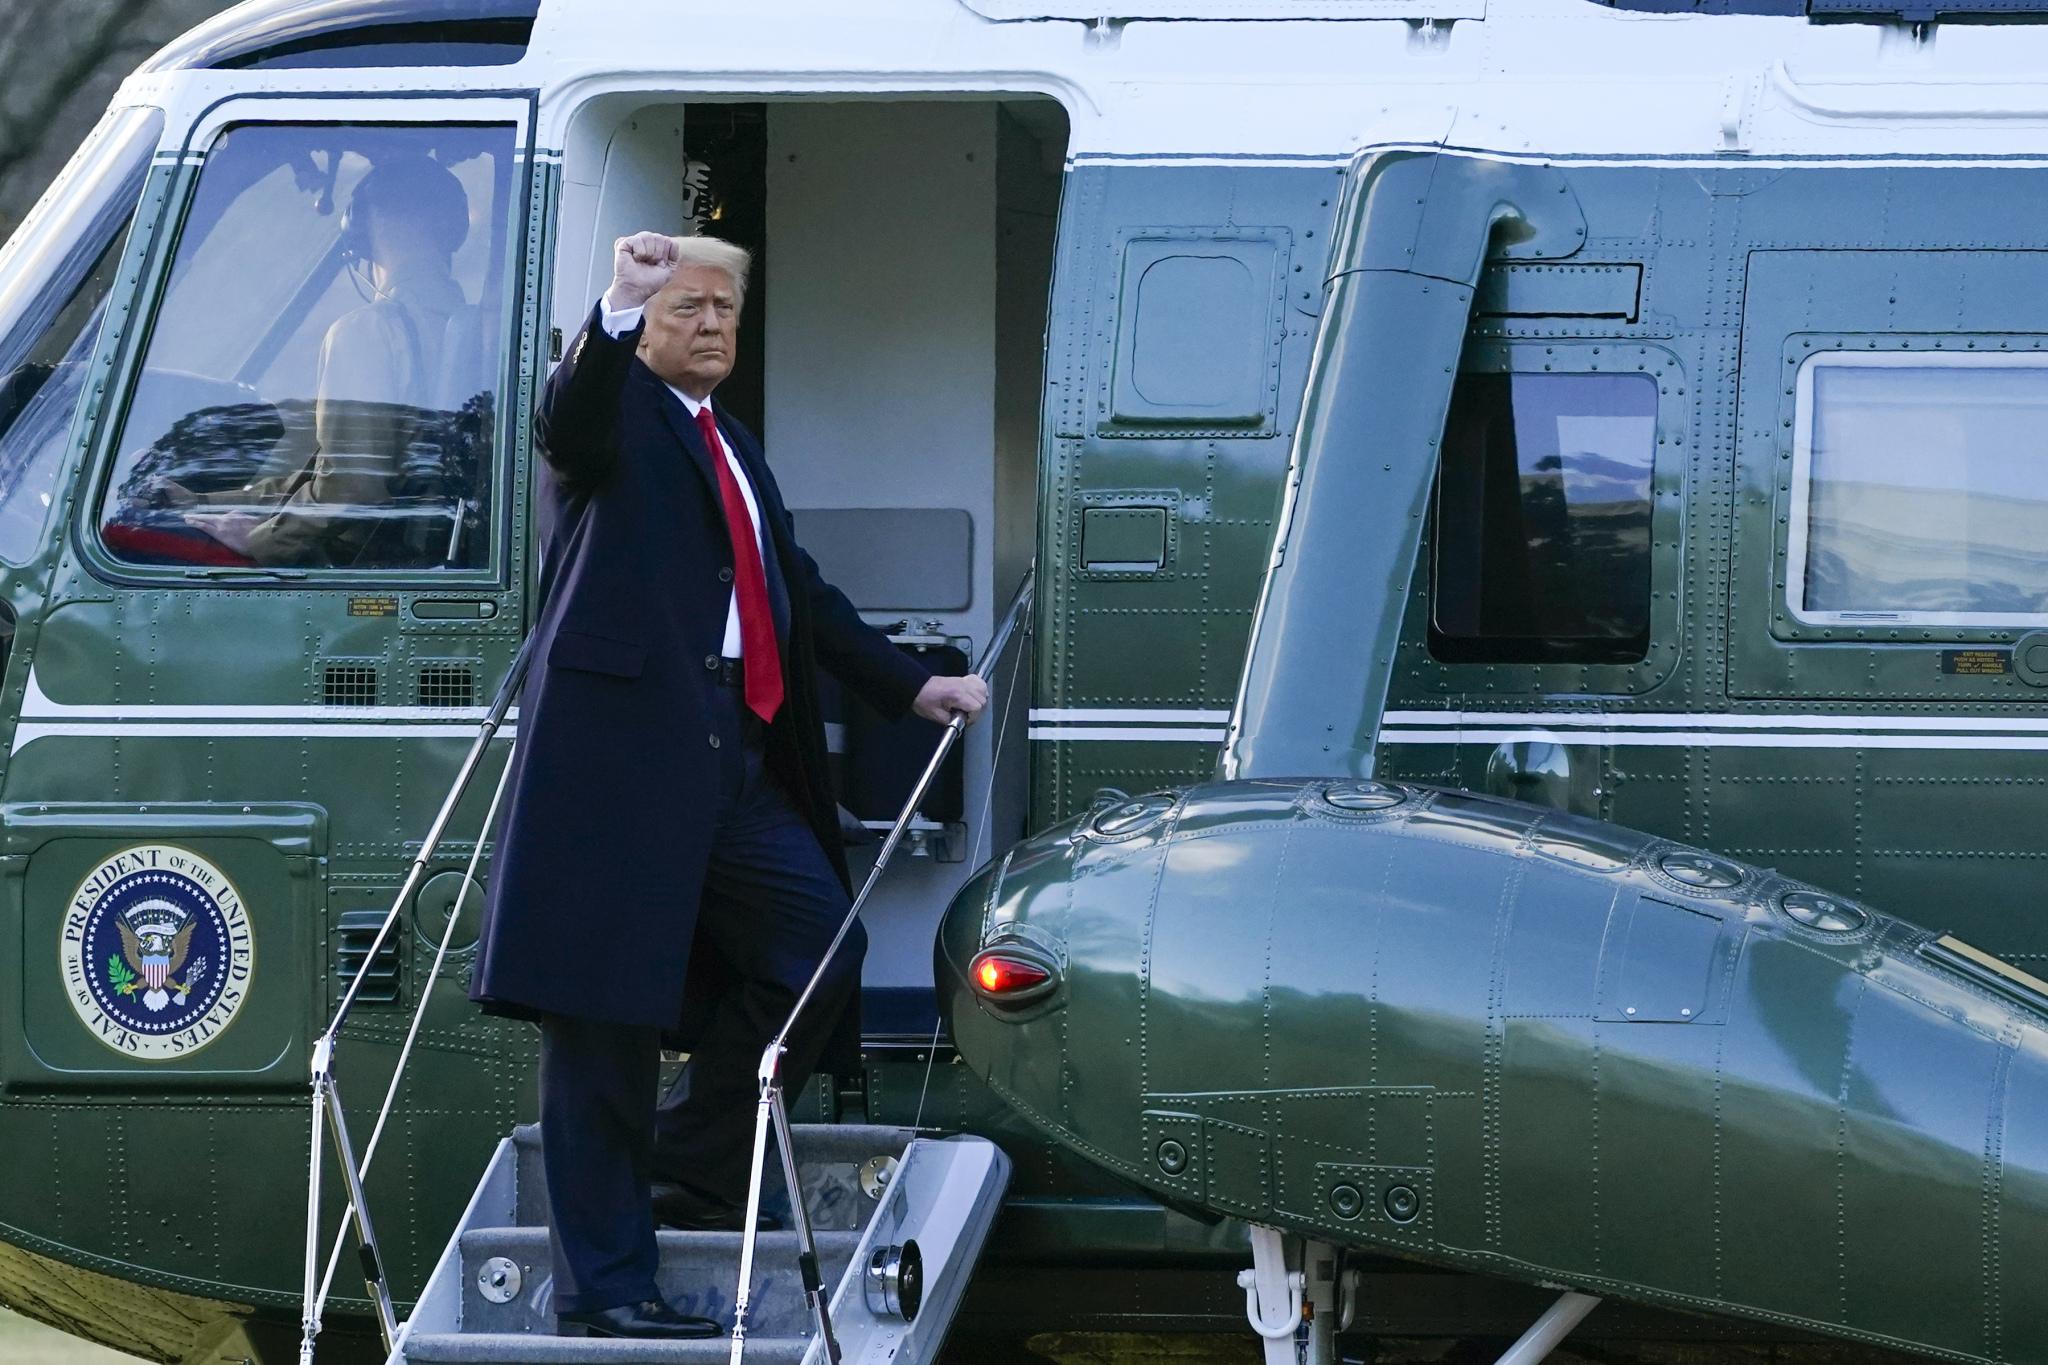 當地時間2021年1月20日,美國華盛頓,即將卸任的美國總統特朗普搭乘飛機前往安德魯斯基地。